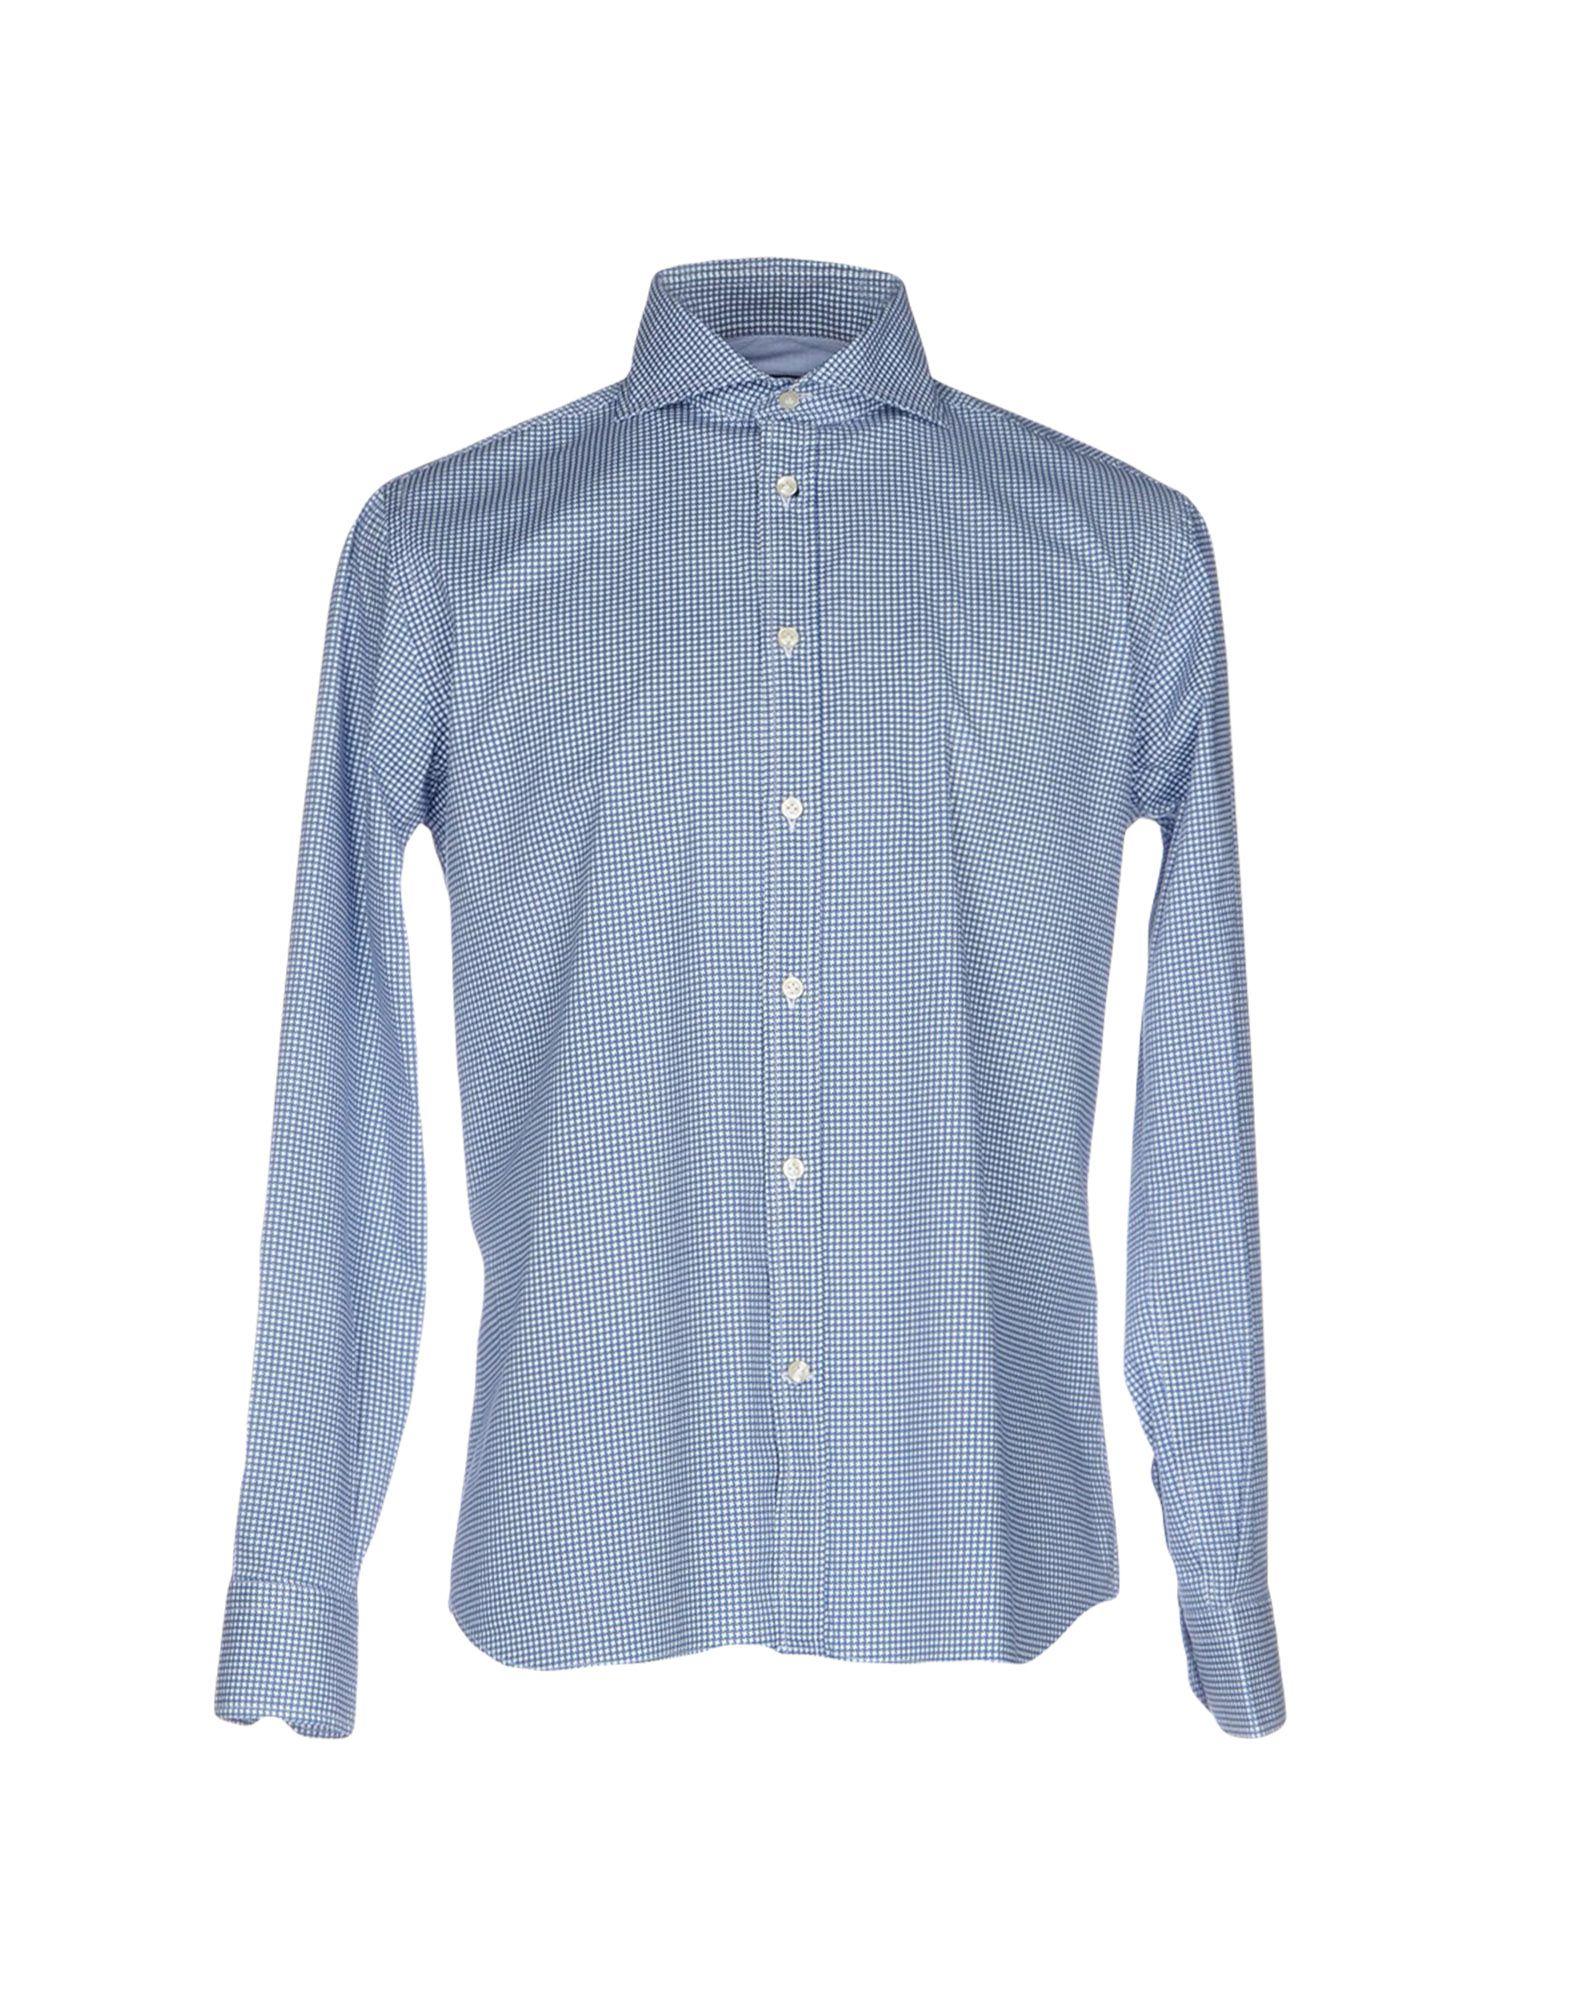 《セール開催中》ALEX DORIANI メンズ シャツ パステルブルー 41 コットン 97% / ポリウレタン 3%